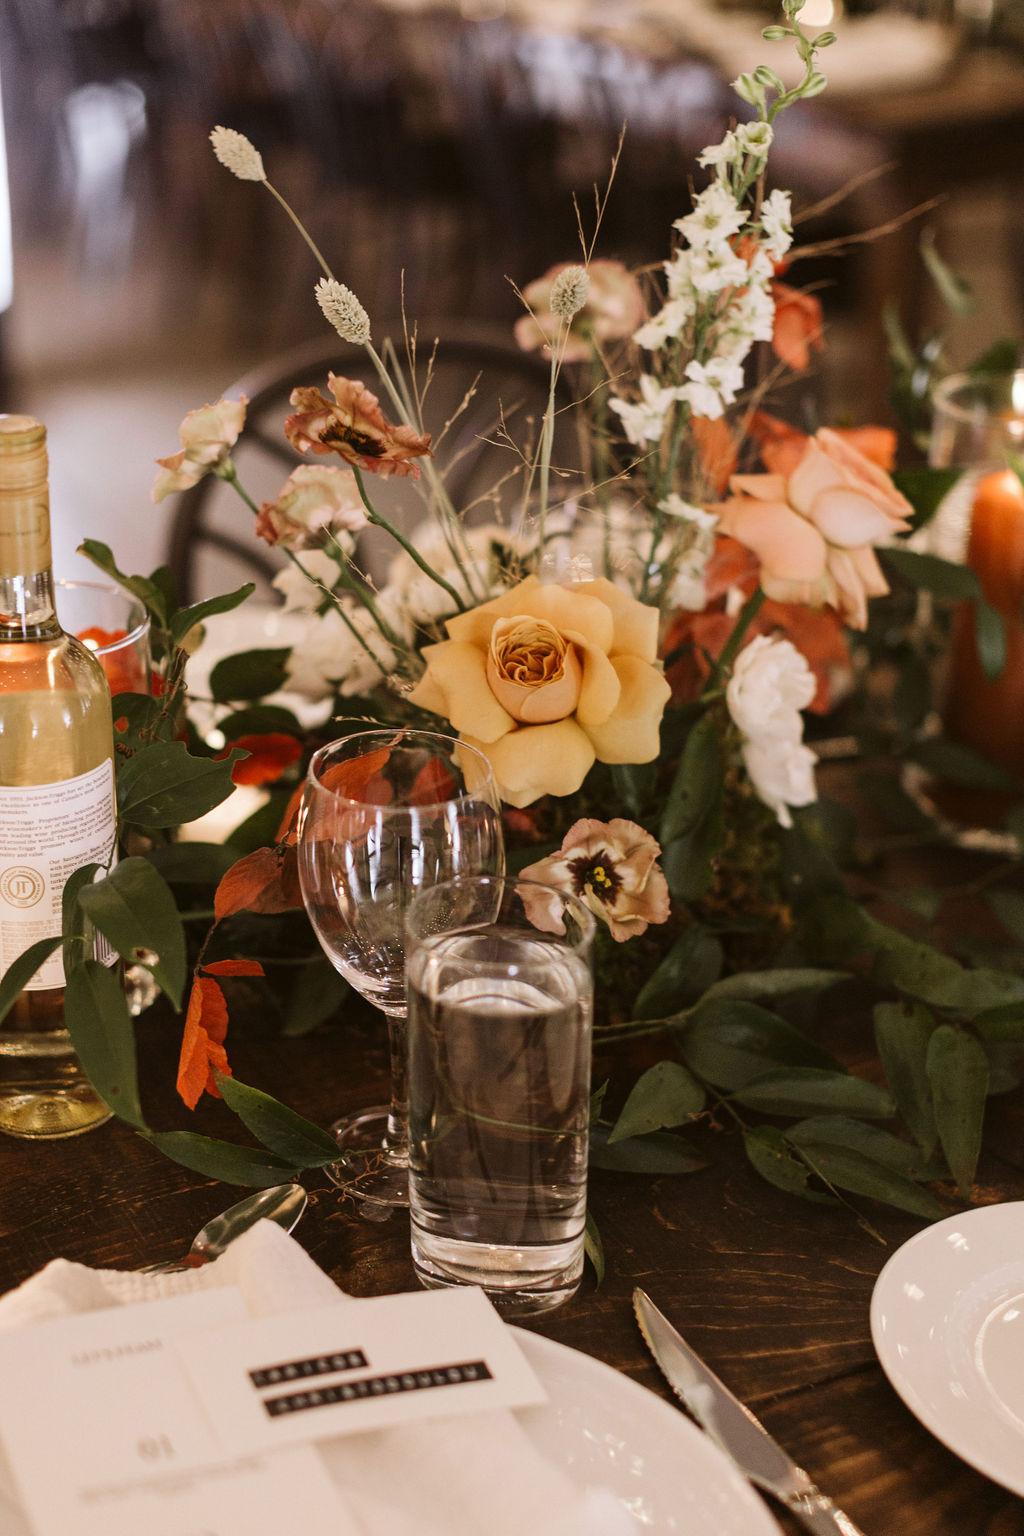 kristina+ryan_toronto+winter+wedding-688.jpg